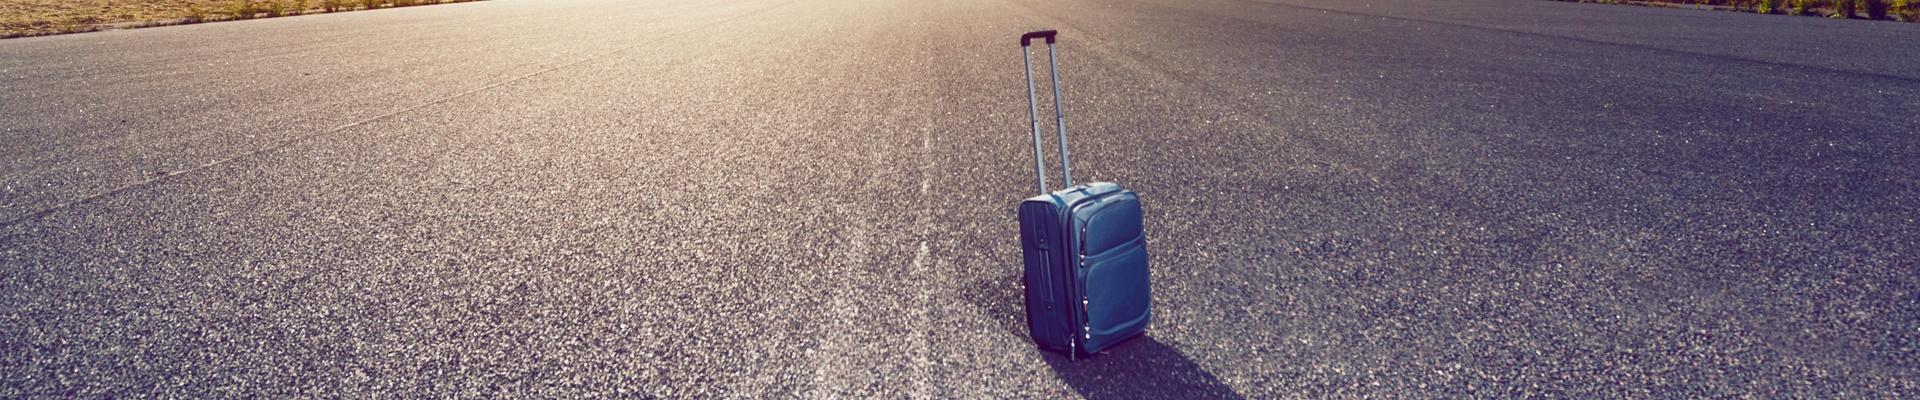 Reisegepäckversicherung von TravelSecure